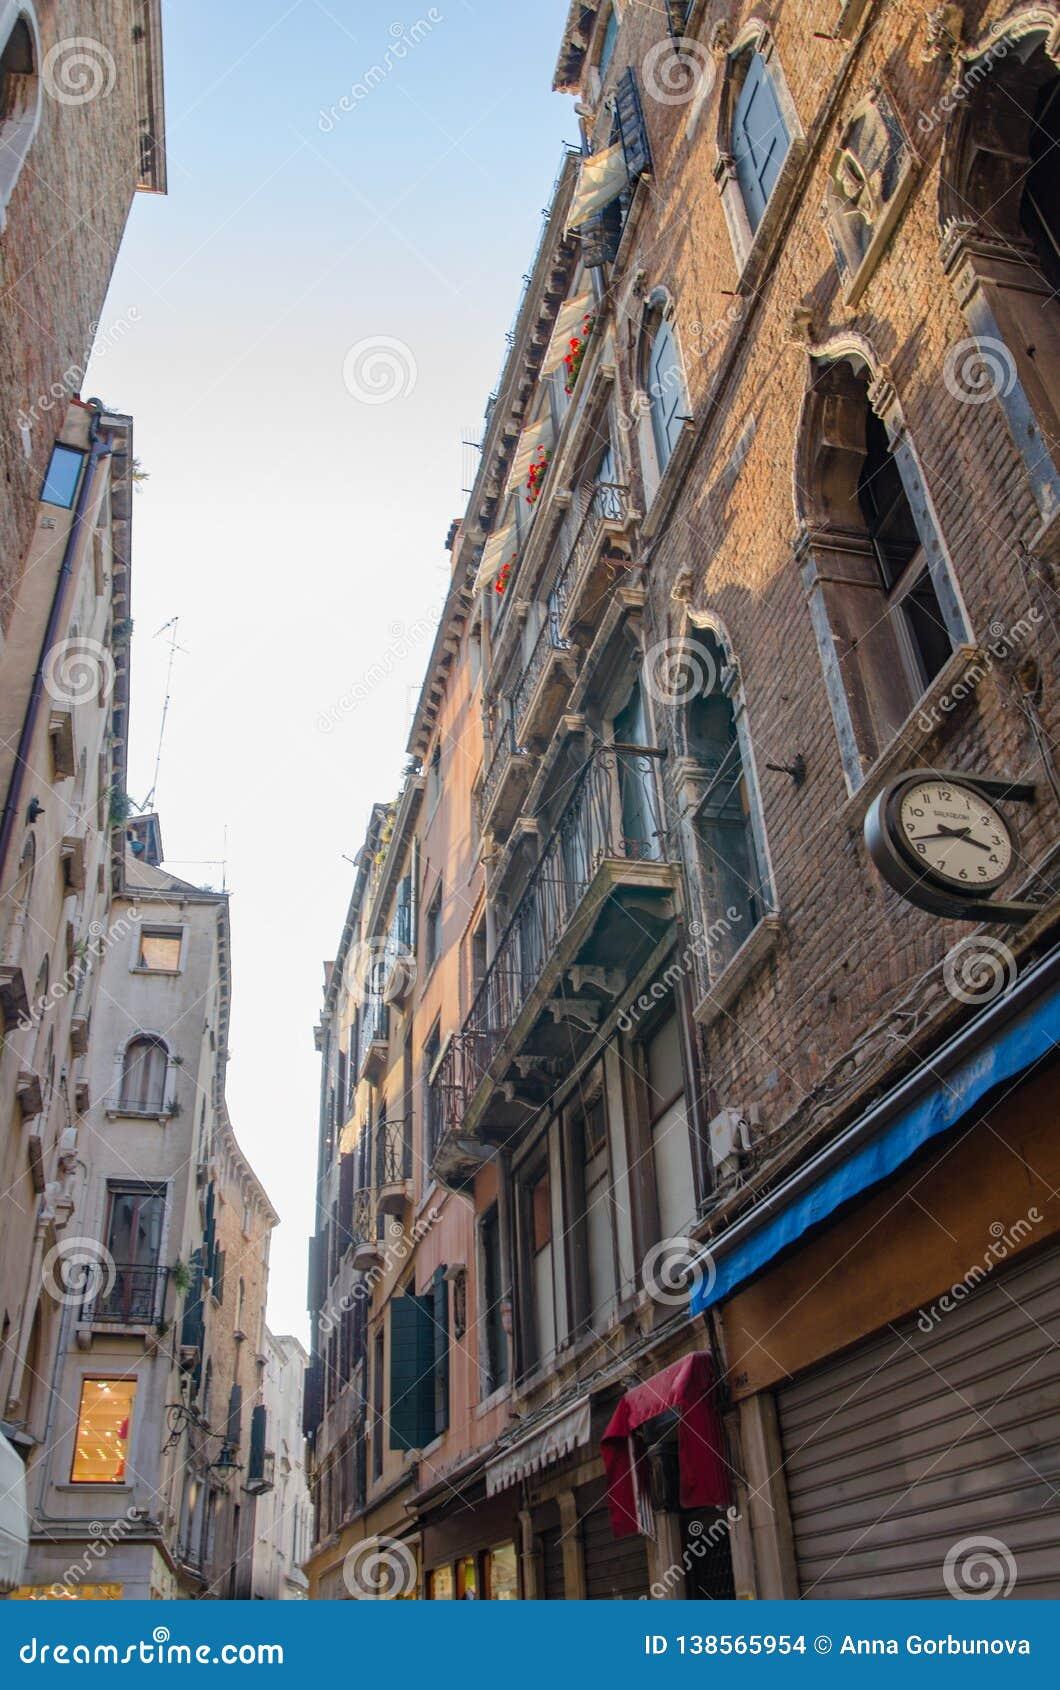 Schmaler Weg zwischen Altbauten in Venedig